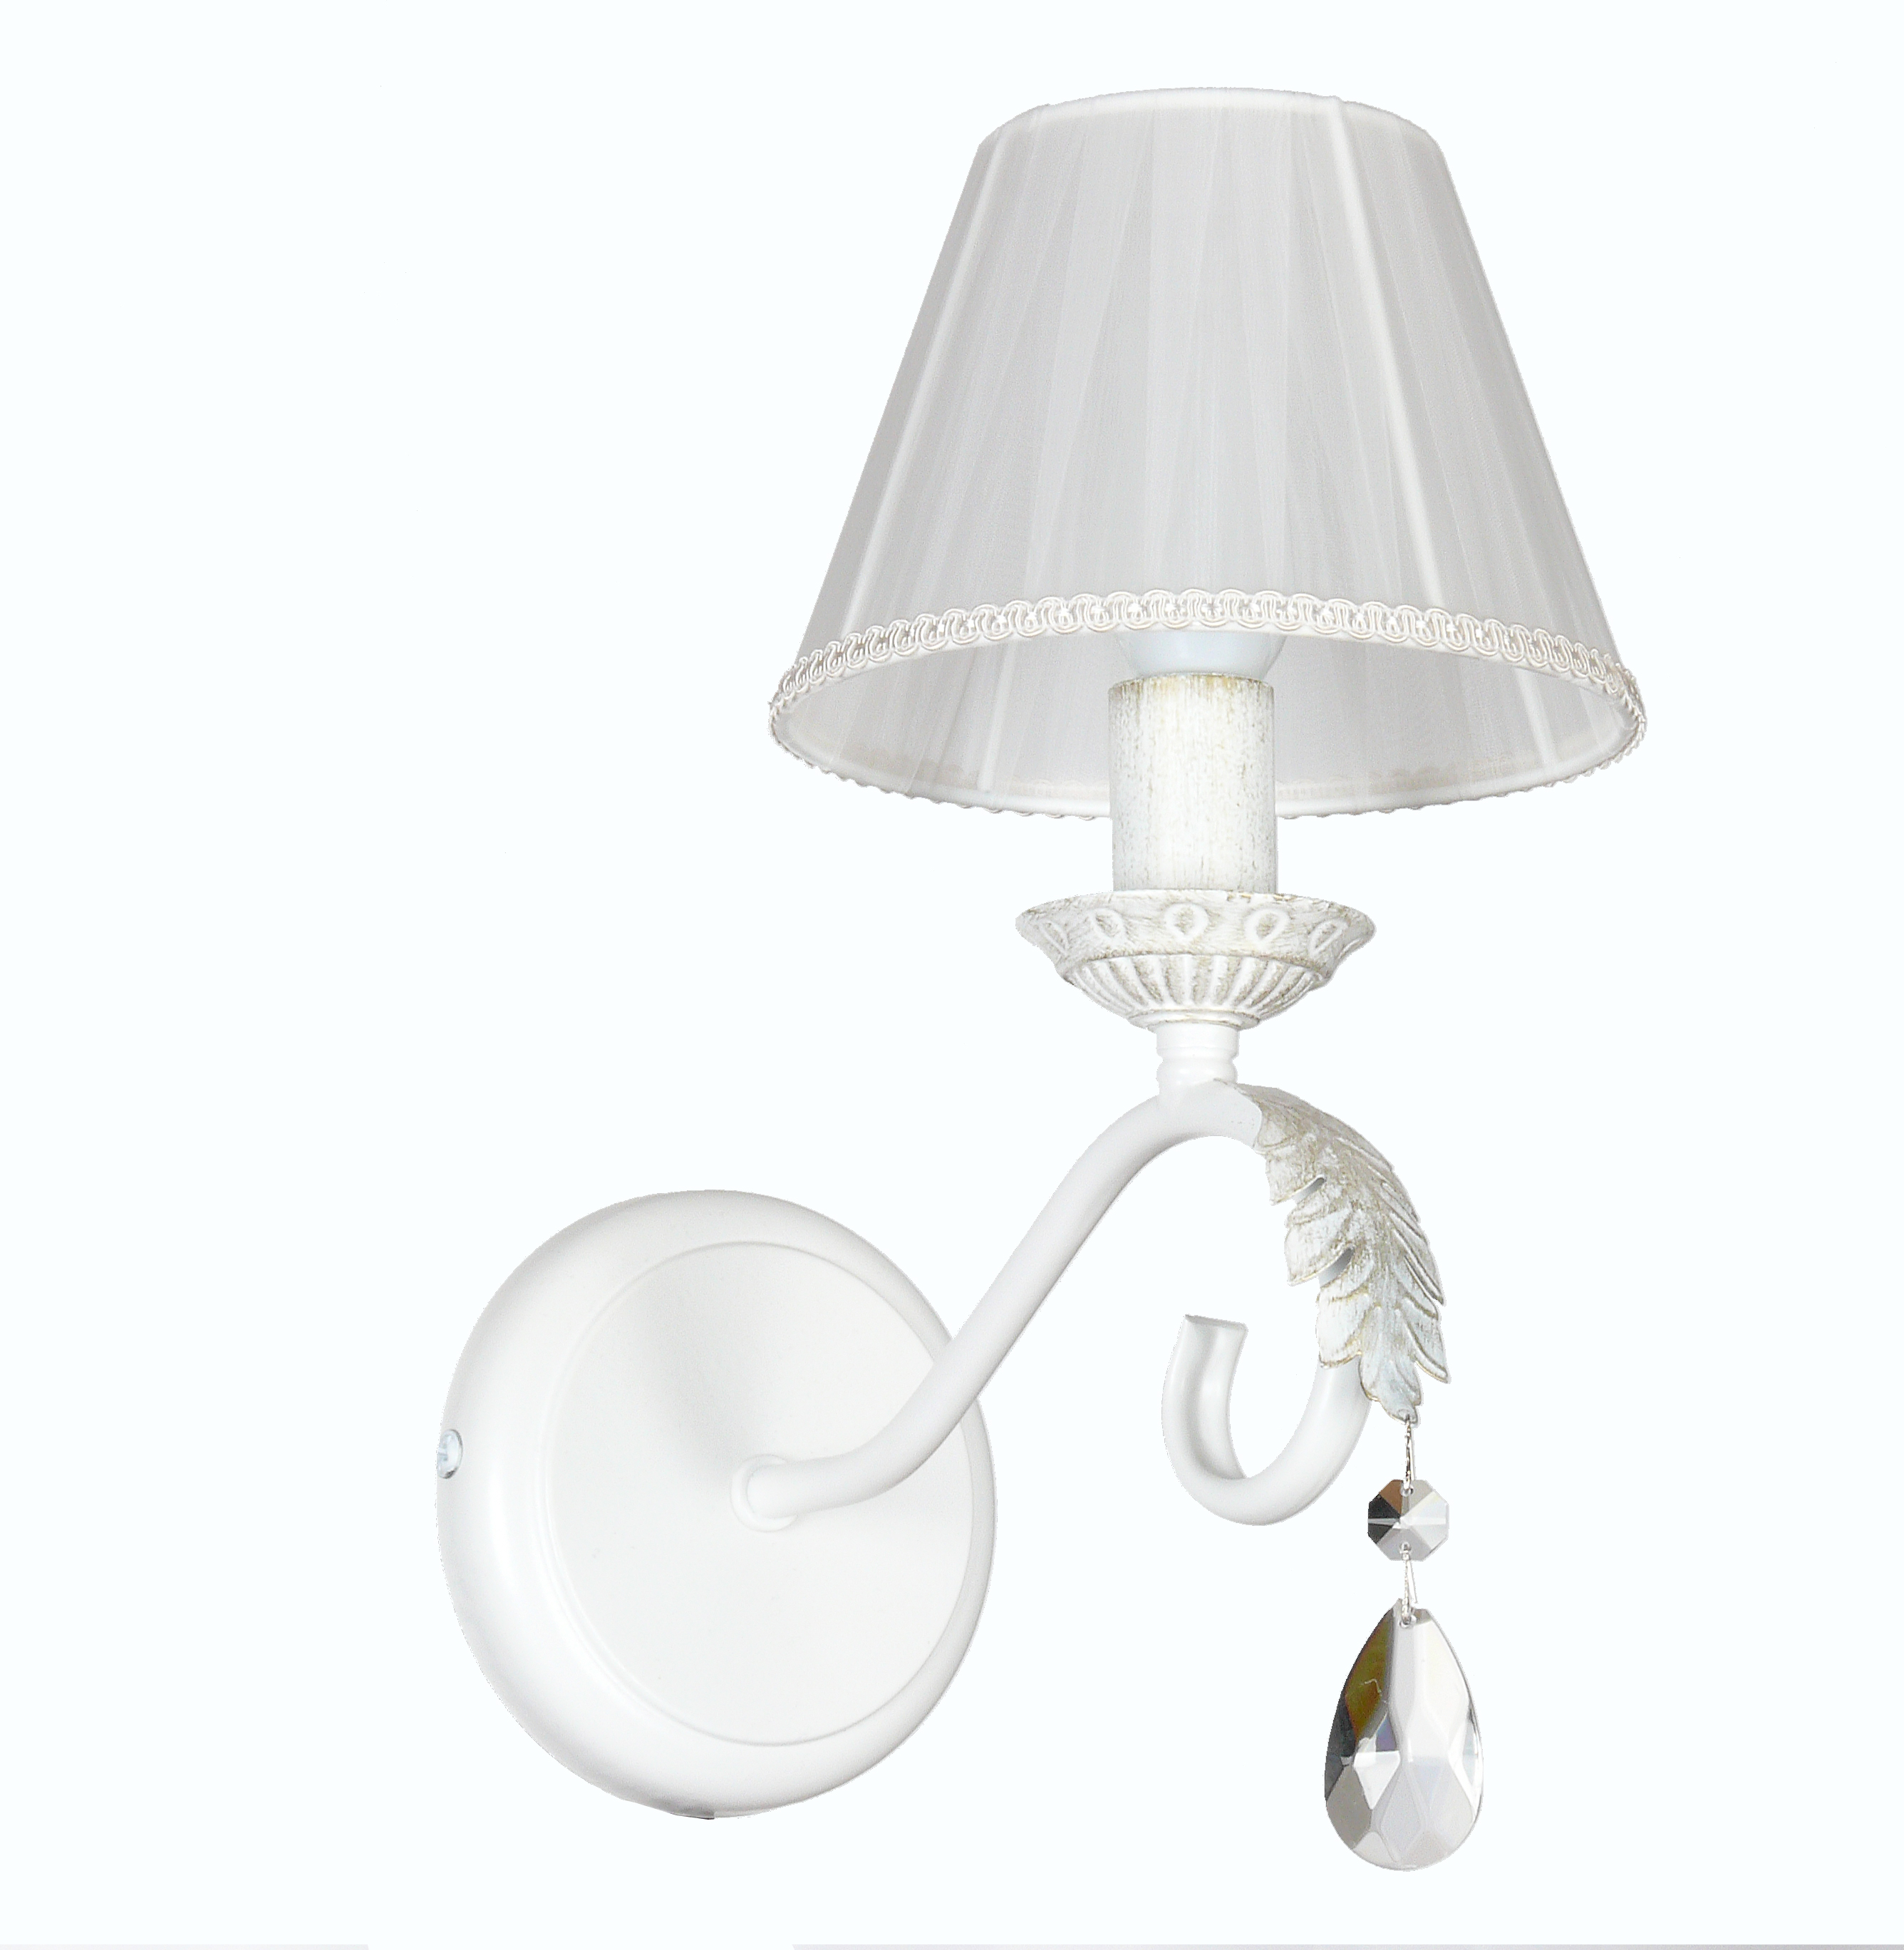 Светильник настенный АВРОРА Марсель 10116-1b светильник настенный аврора лагуна 10023 1b